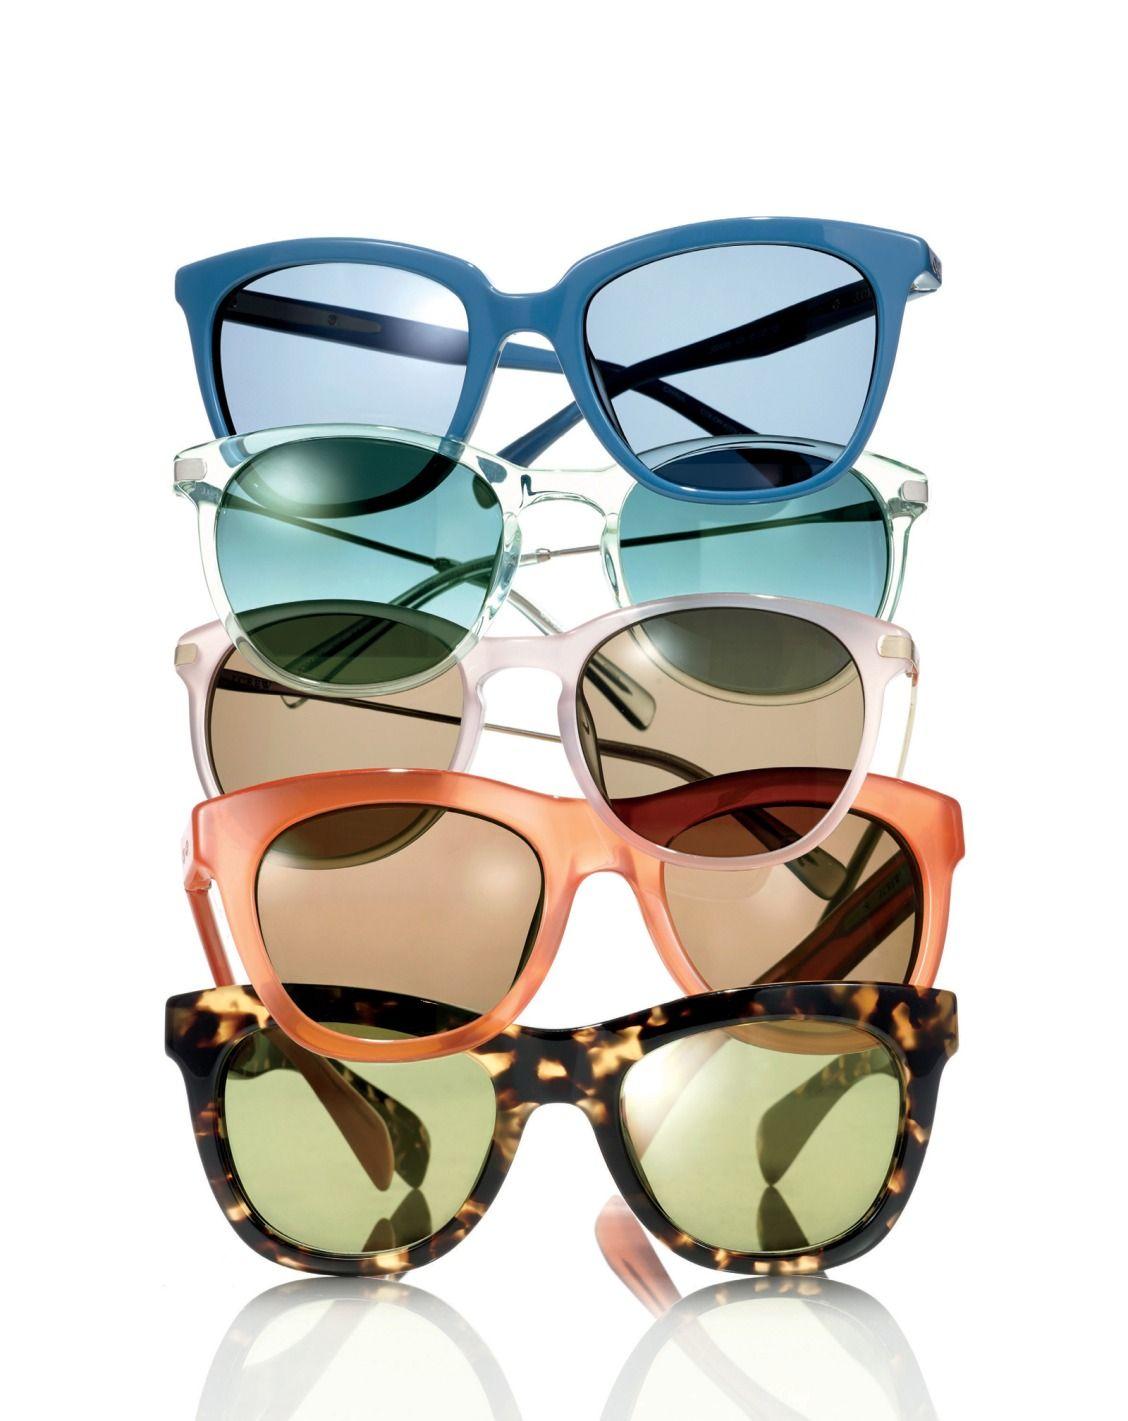 307452be3 Óculos De Sol De Verão, Óculos Ray Ban,